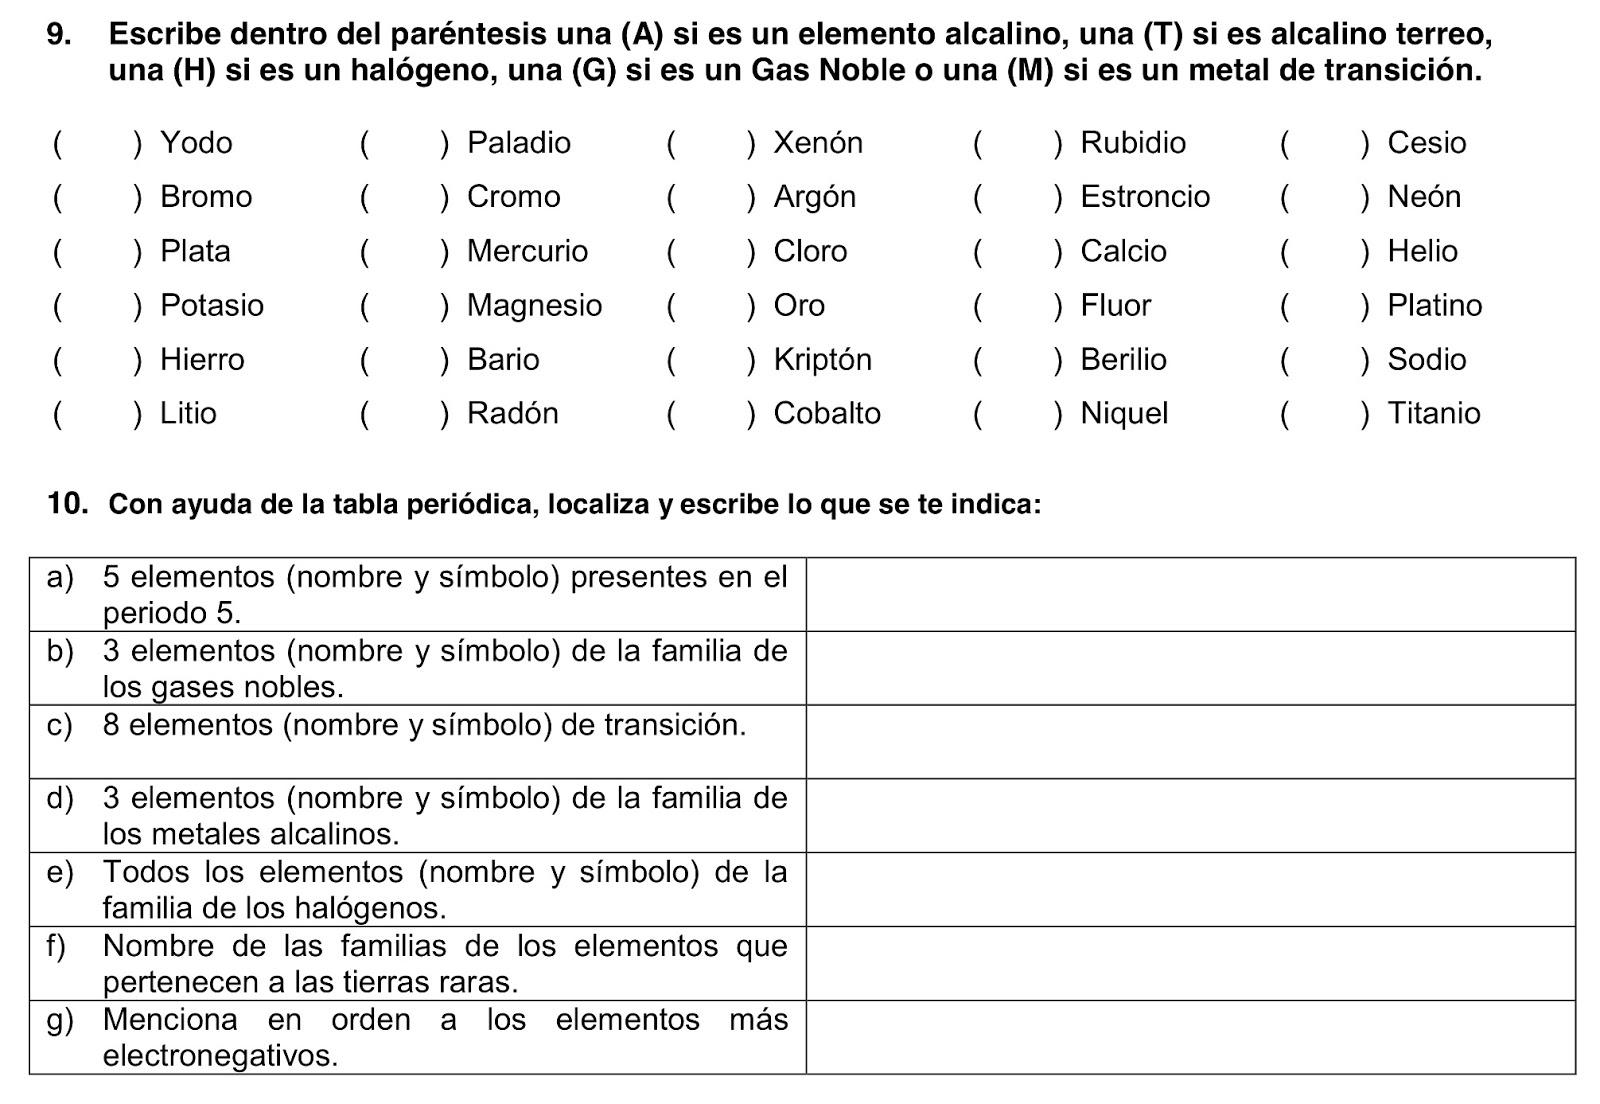 Qumica 1 cbtis 108 2016 actividades complementarias de tabla actividades complementarias de tabla periodica urtaz Choice Image